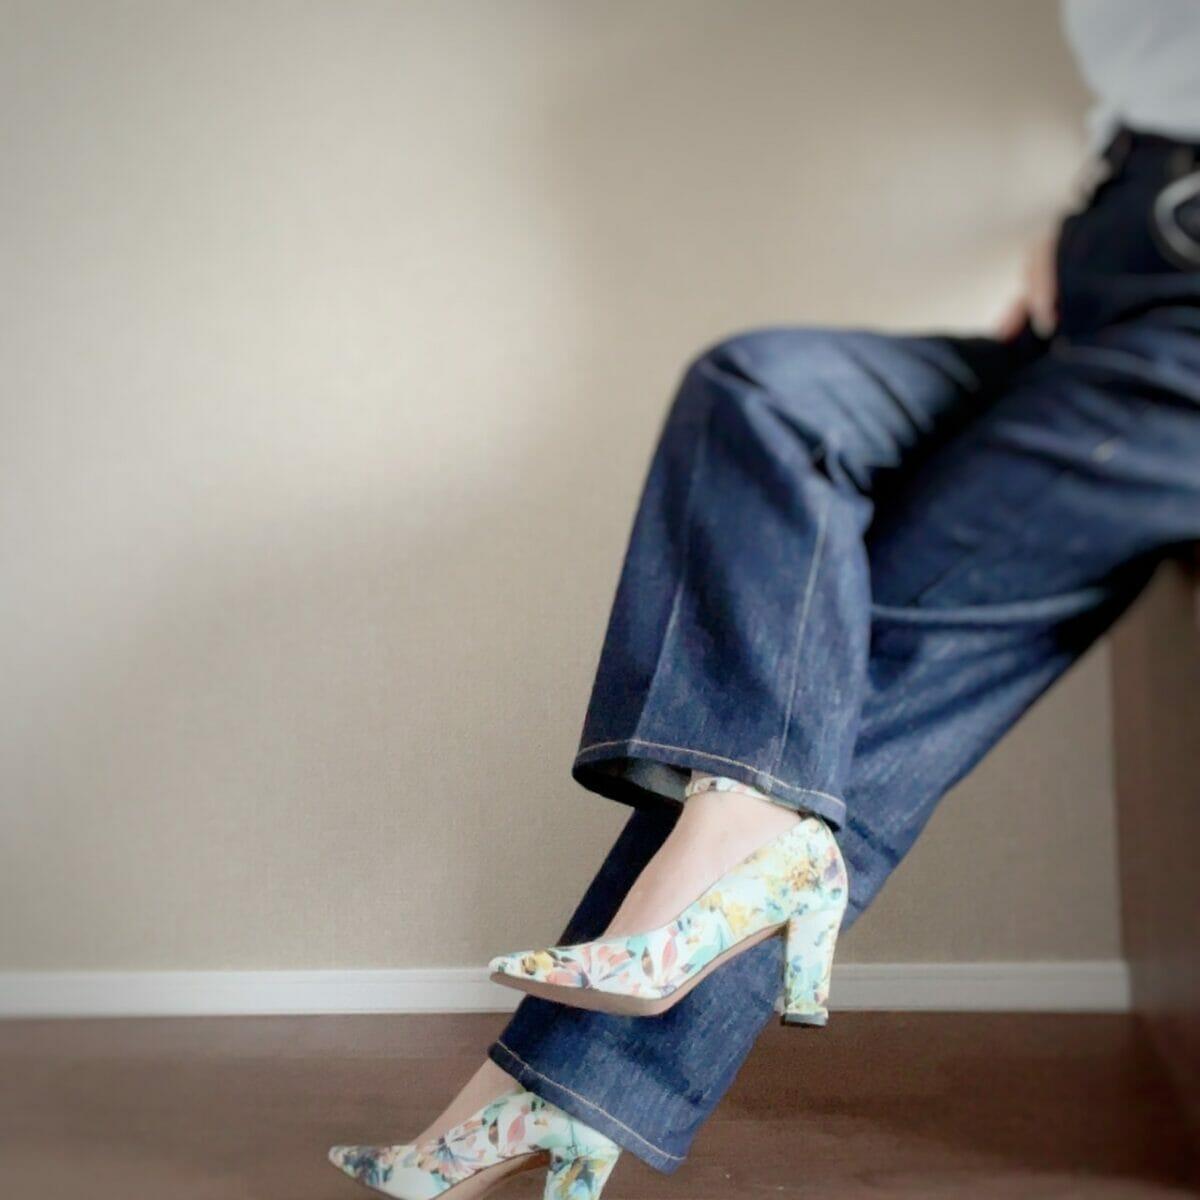 足が小さい オーダーメイド靴